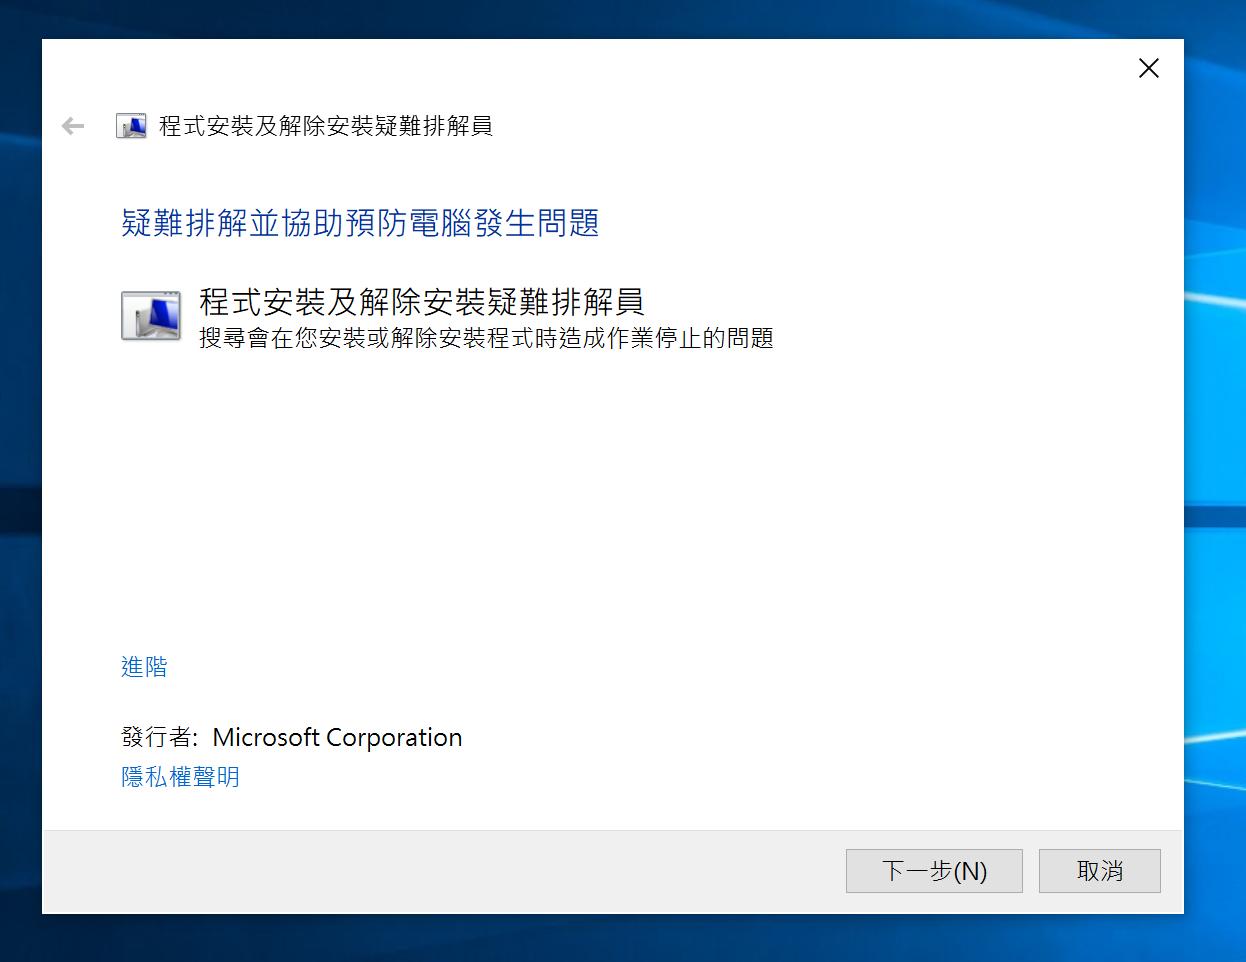 不需第三方軟體, Windows 工具強制解決軟體安裝移除出錯問題